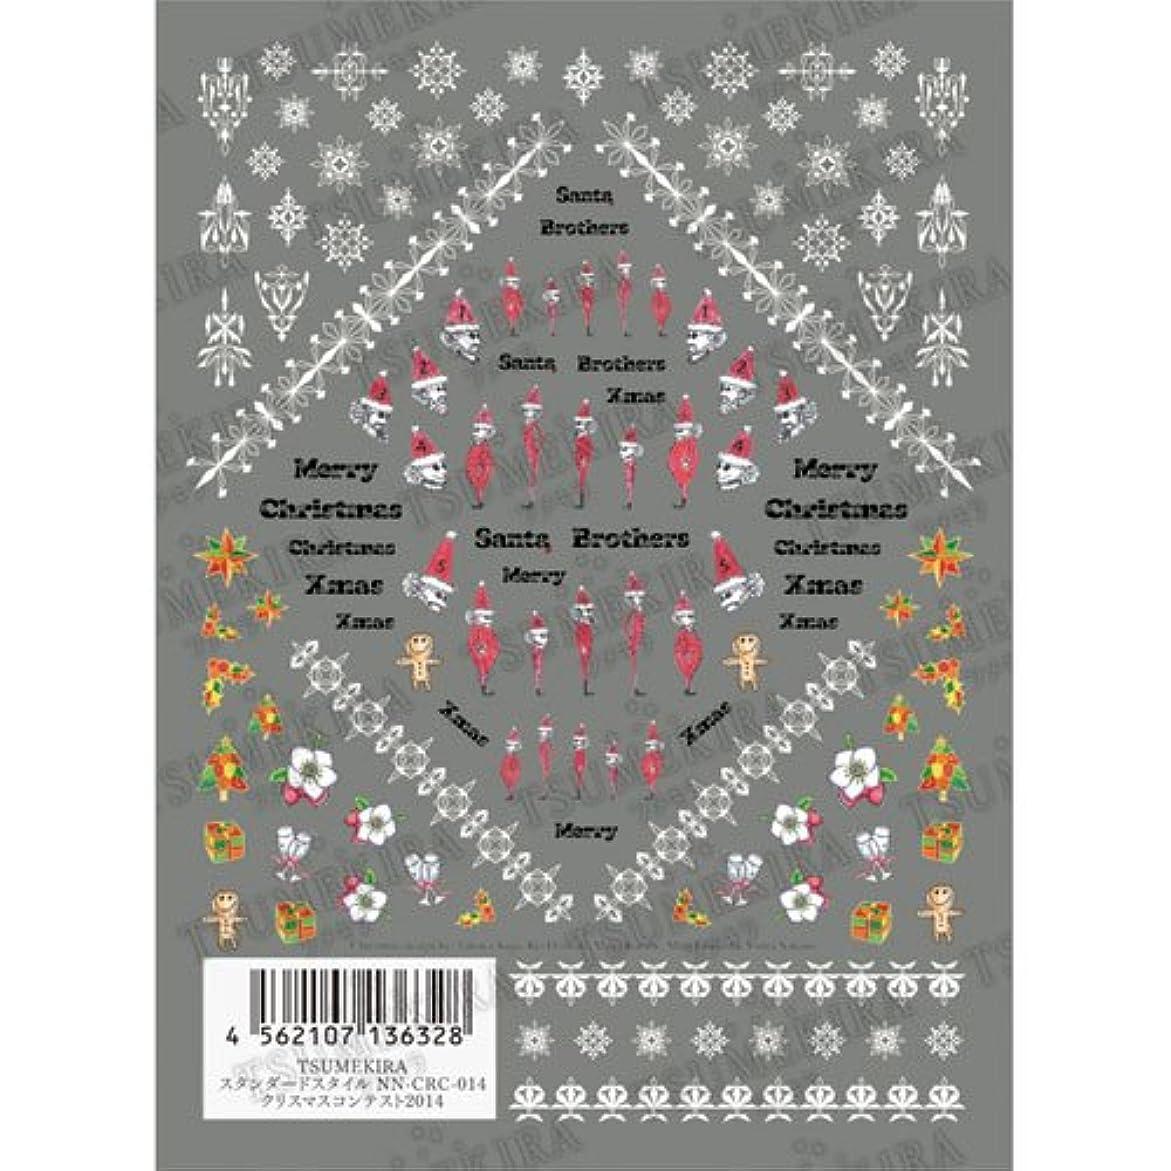 フェデレーション高めるスムーズにツメキラ ネイル用シール スタンダードスタイル クリスマスコンテスト2014